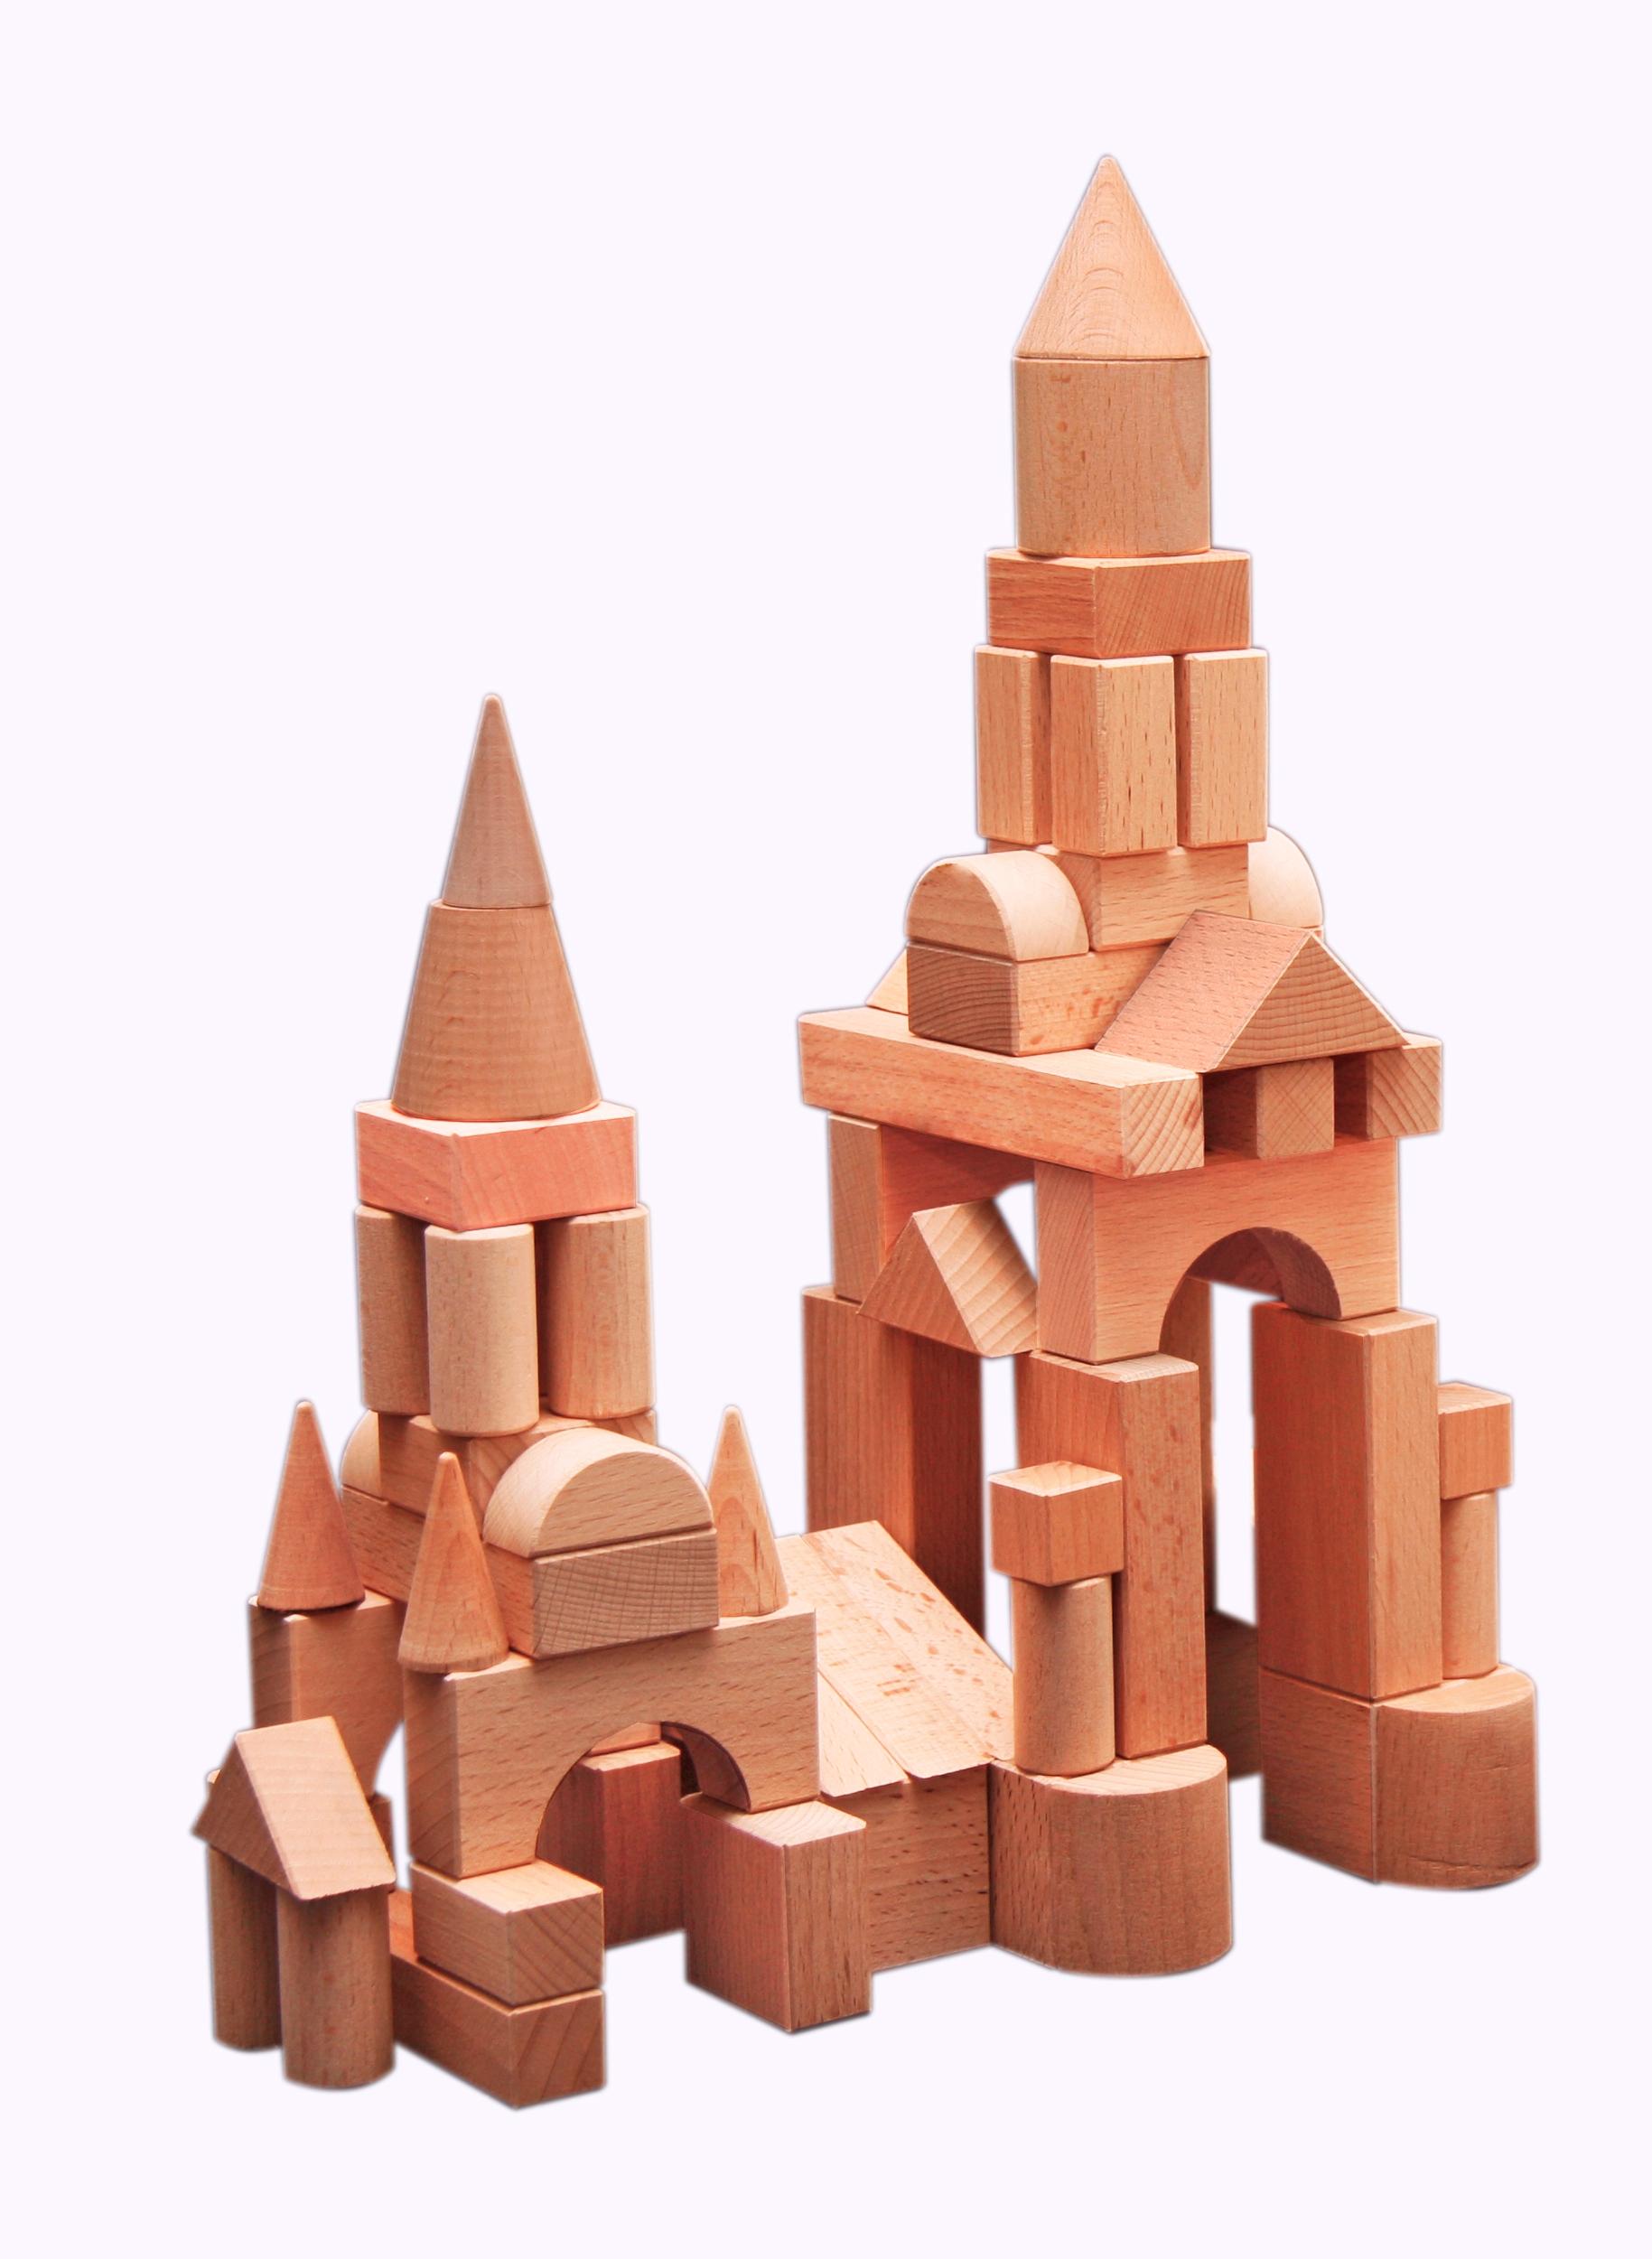 Конструктор деревянный не окрашенный по программе - Развитие, 75 деталейКубики<br>Конструктор деревянный не окрашенный по программе - Развитие, 75 деталей<br>